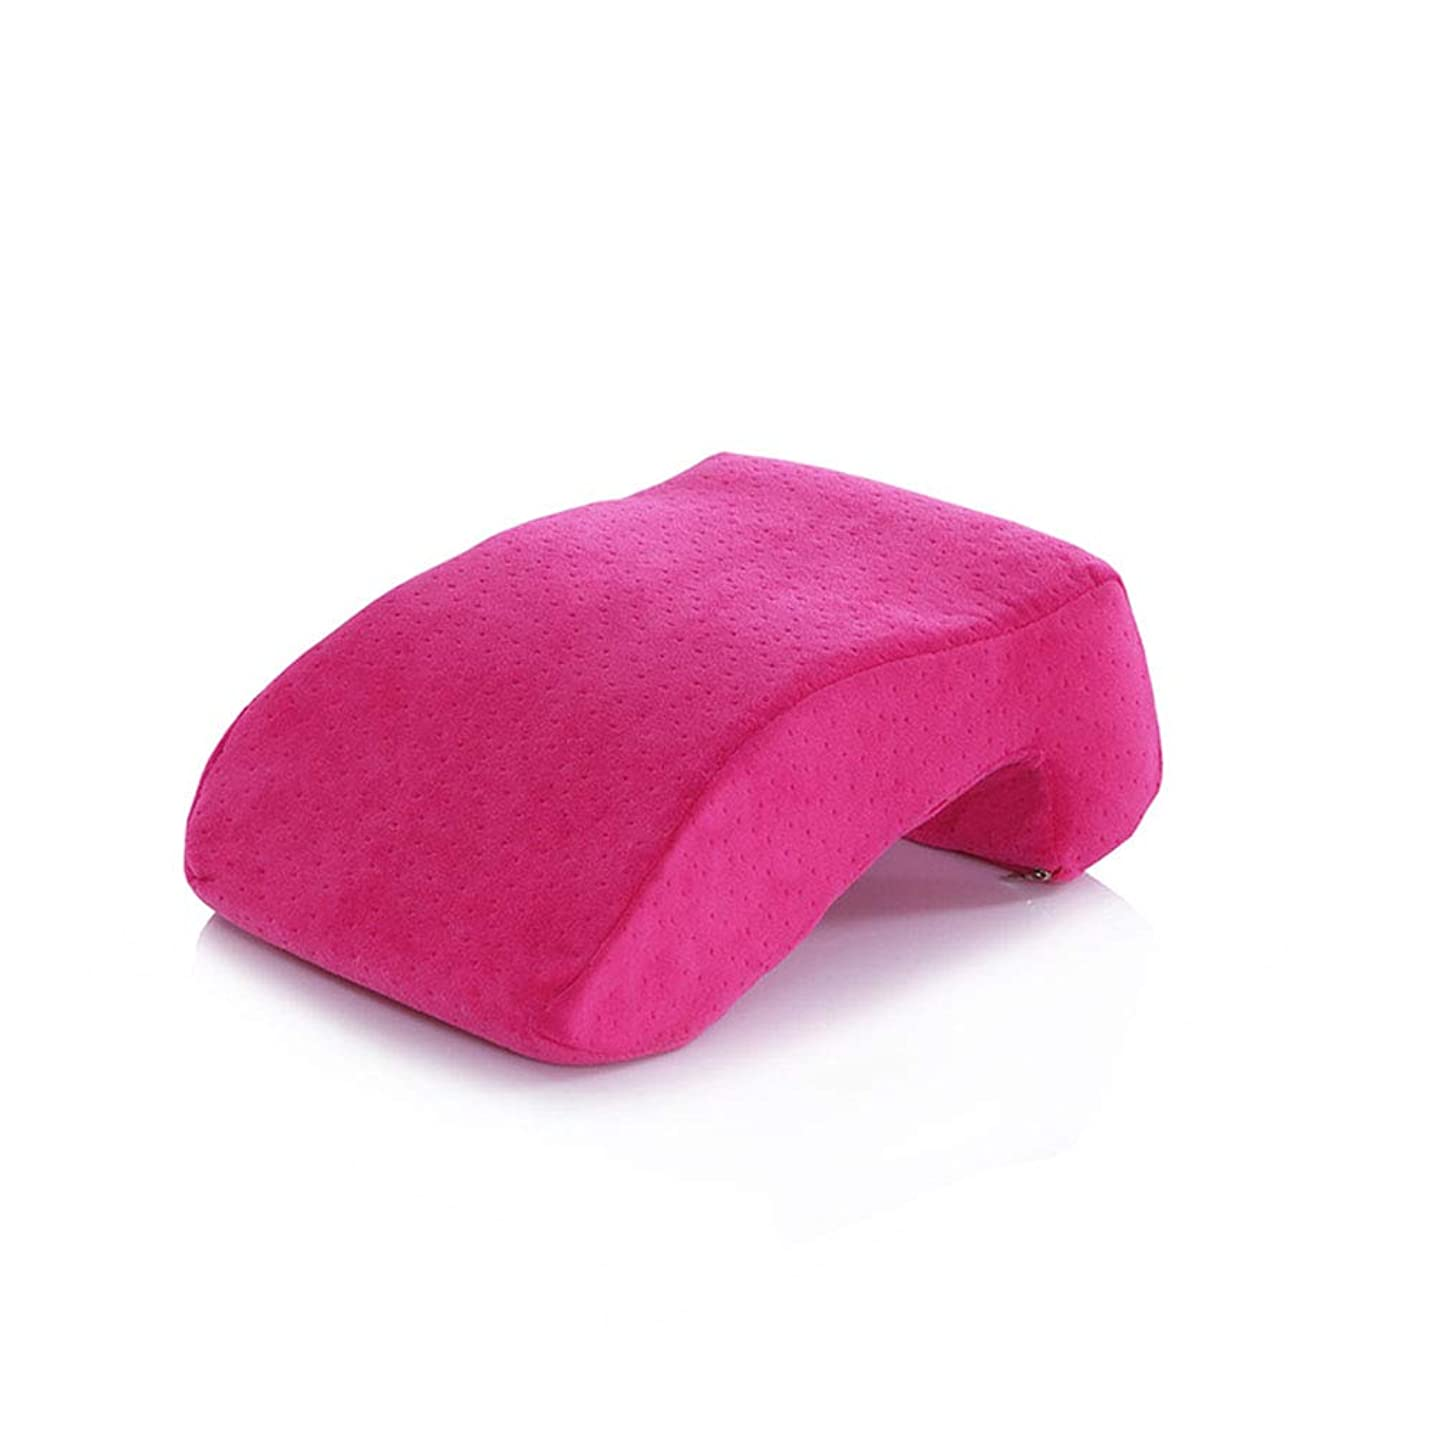 ハーブ退院宣教師取り外し可能なキルティングカバーが付いているサポート枕オフィスの休息の枕学生の昼休みの枕